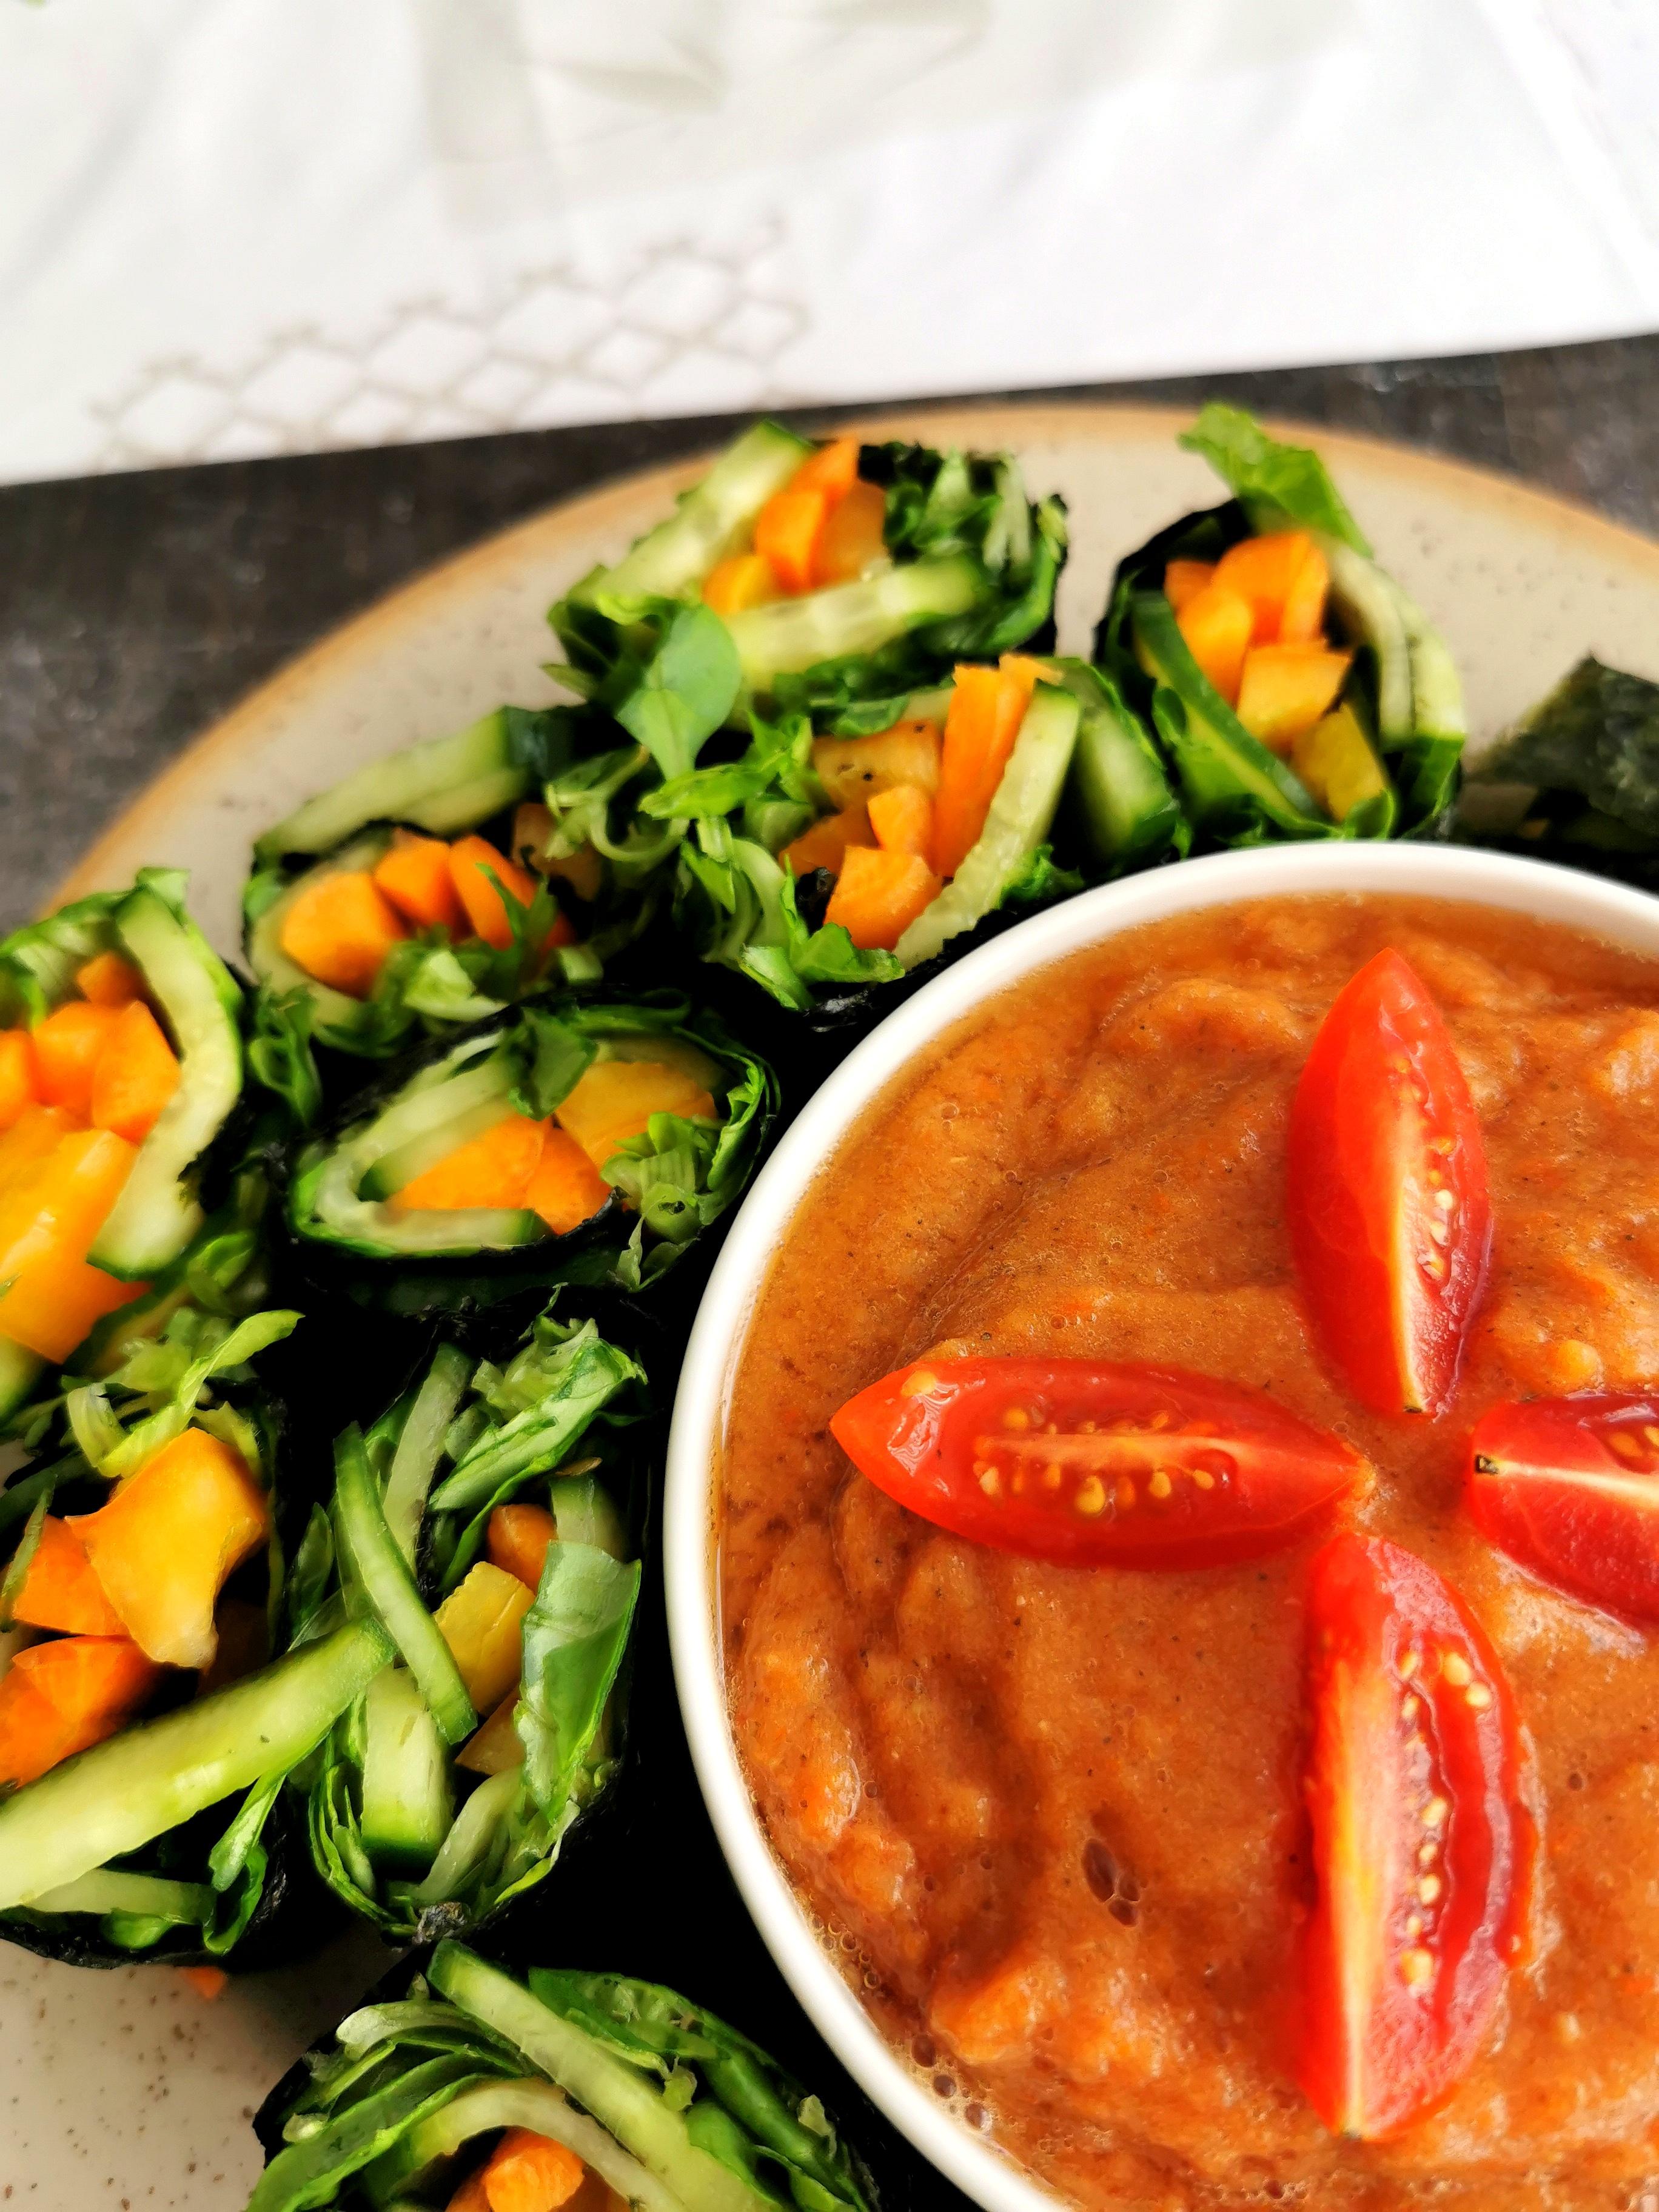 Rouleaux de nori vegan, sans gluten, cru, avec sauce, medical médium compatible